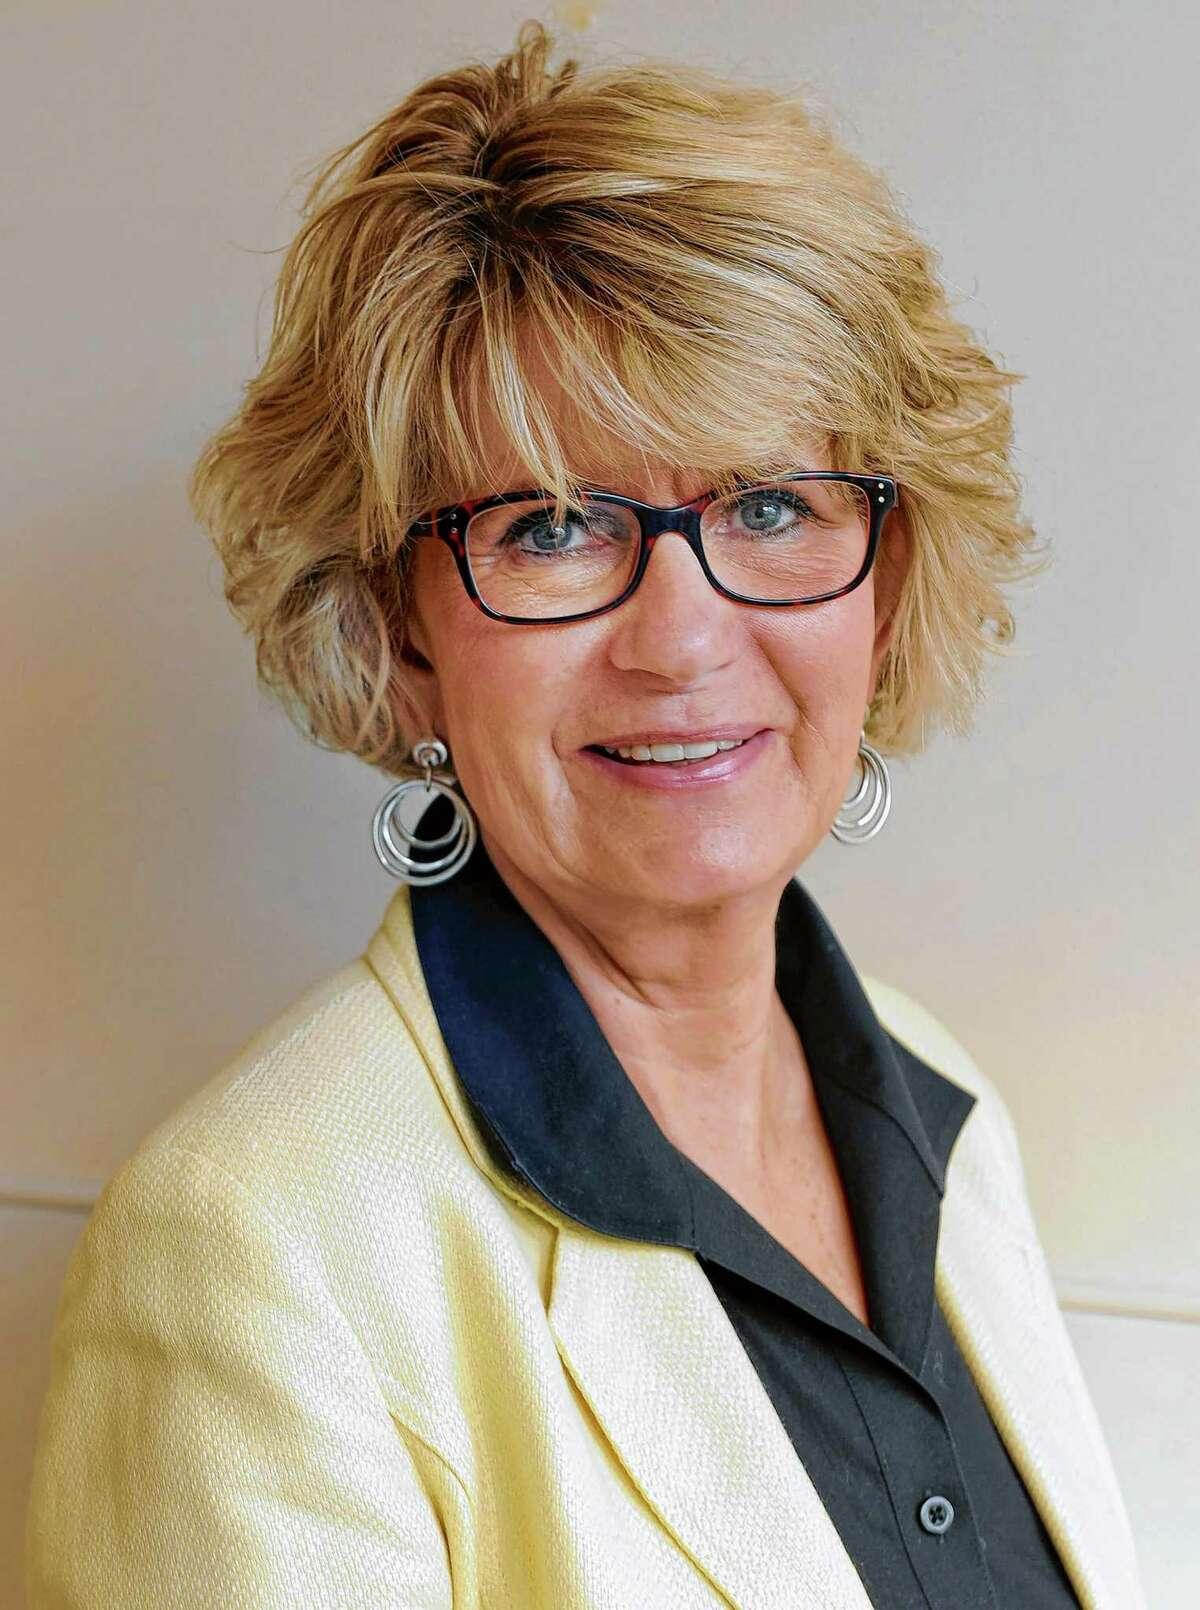 Anne Saile